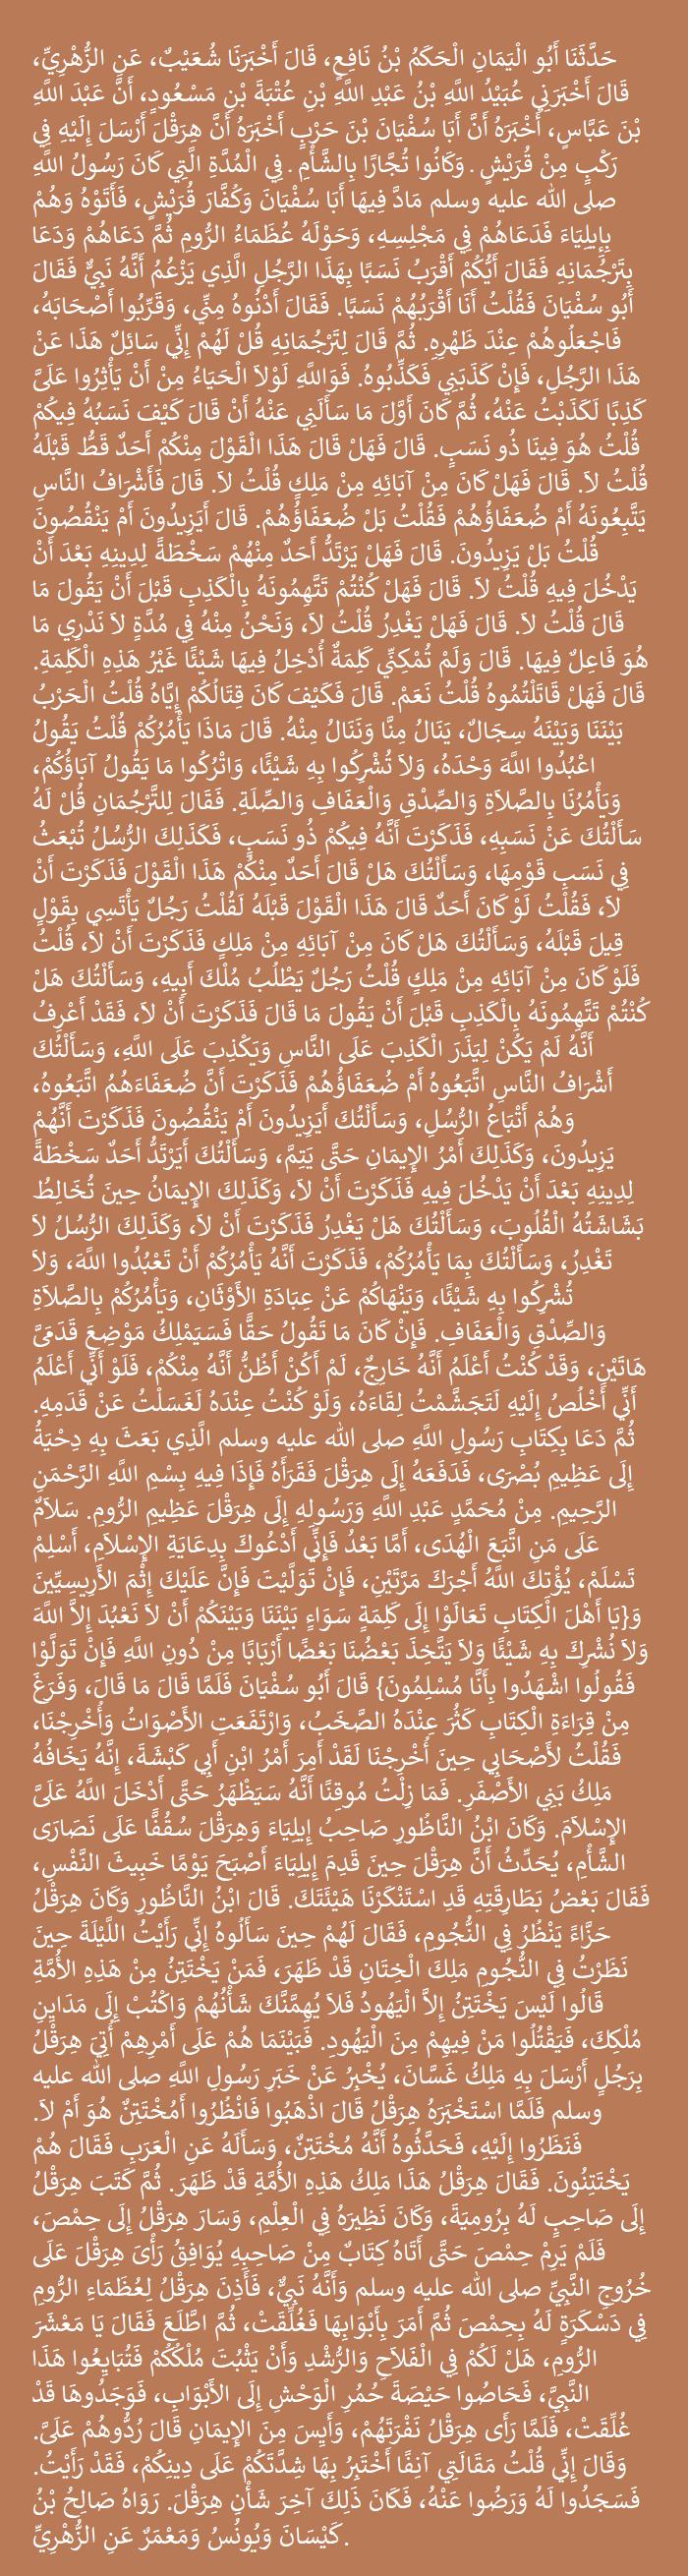 Sahih al-Bukhari 7